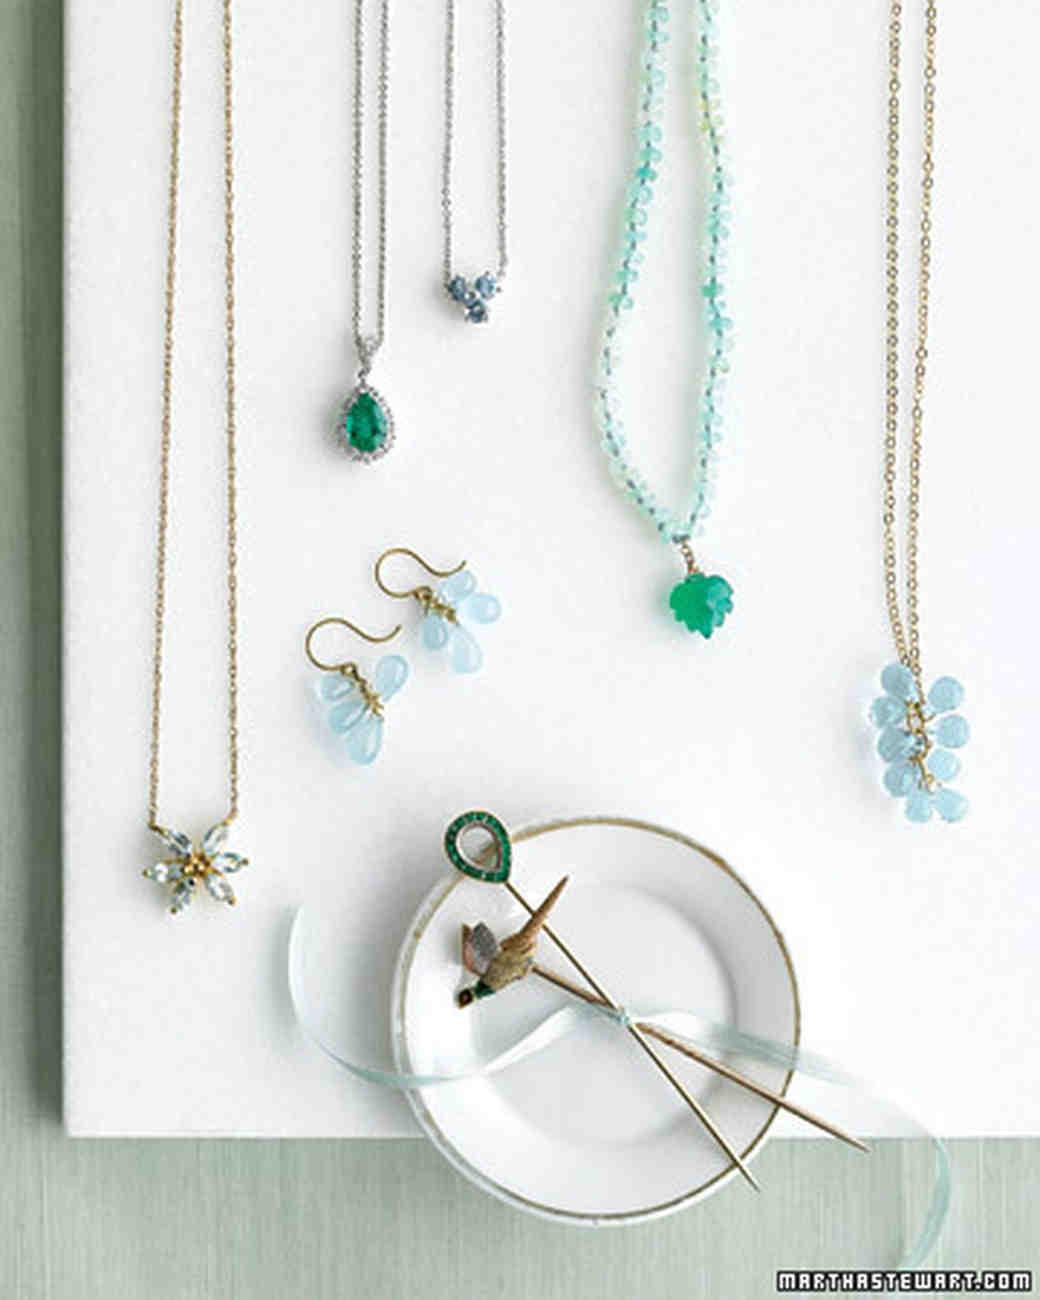 wa103187_fa07_jewelry.jpg